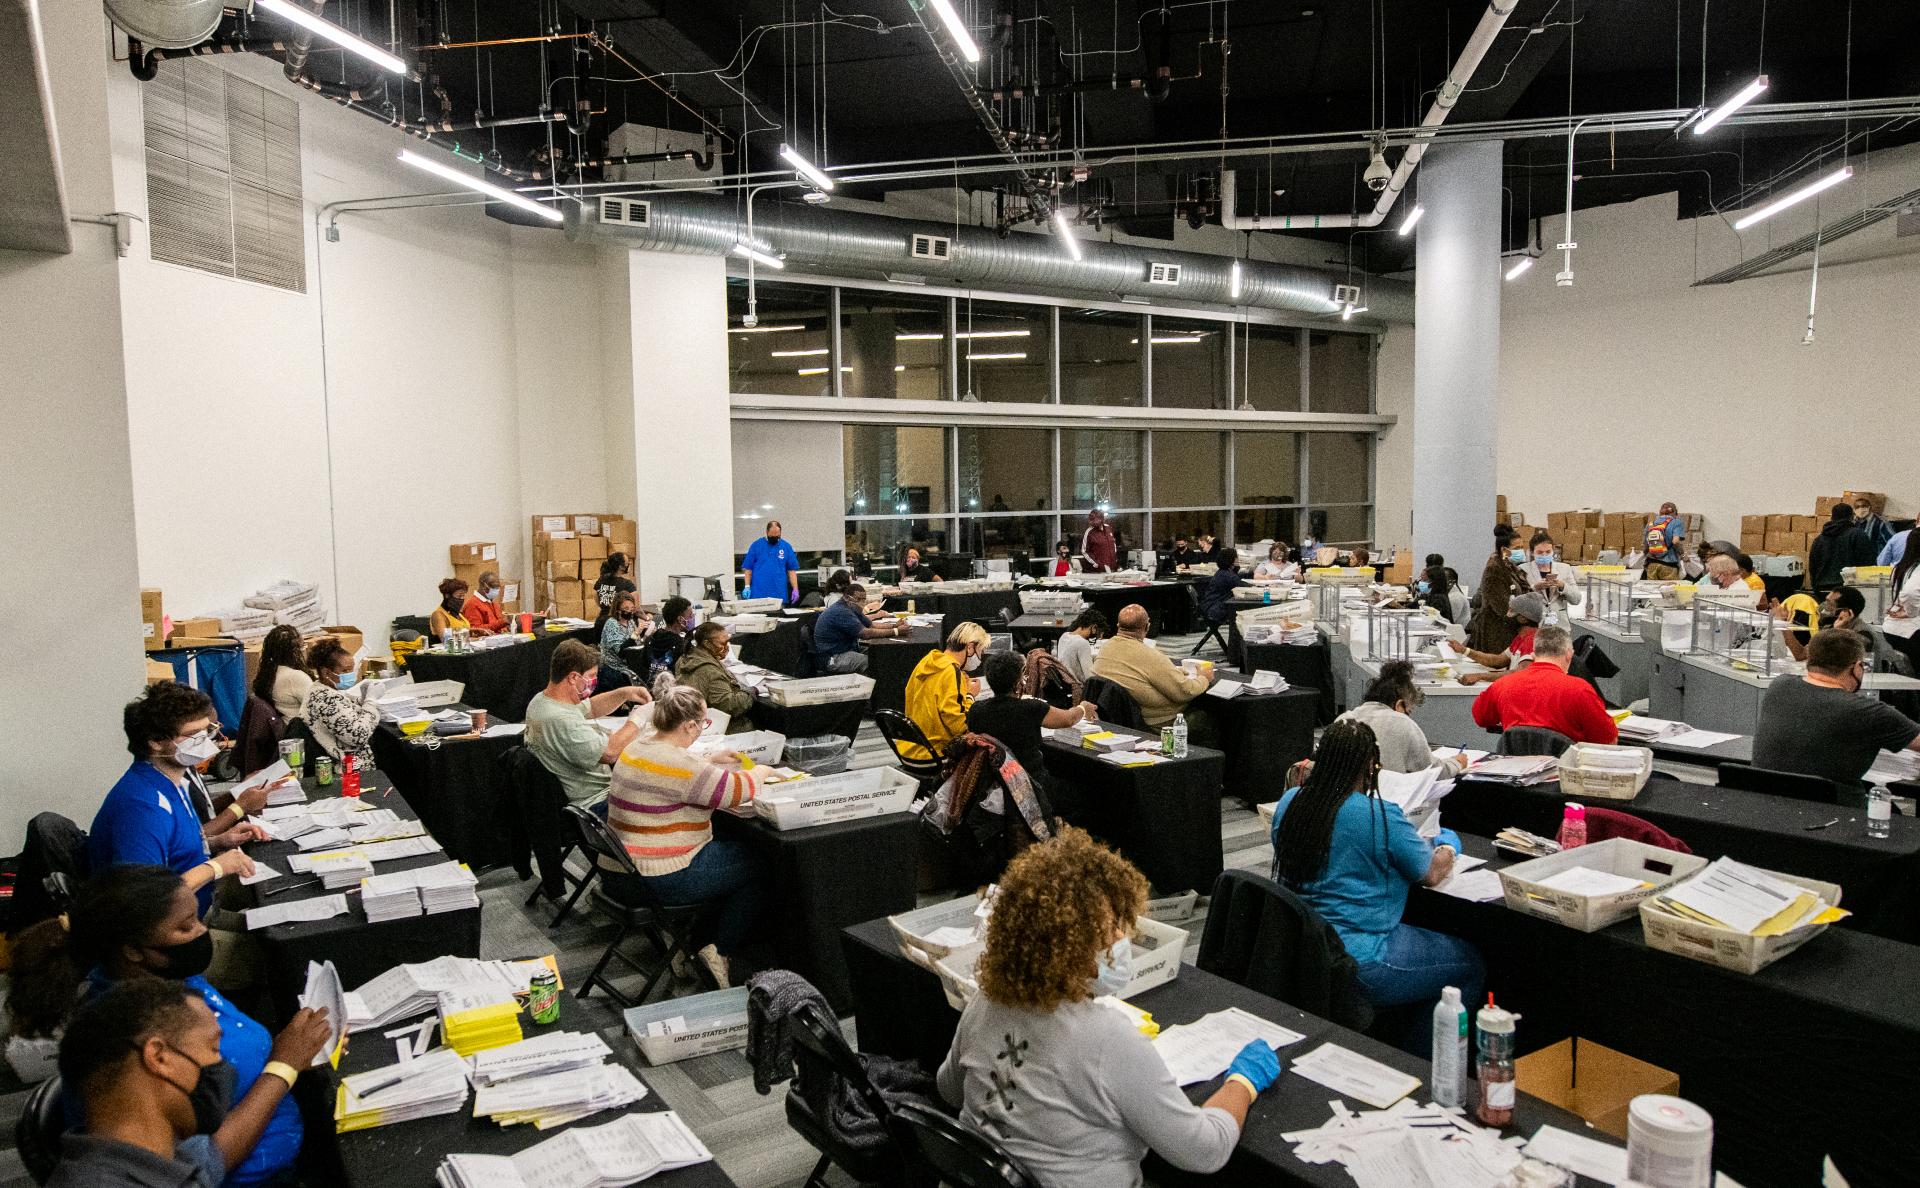 Обработка избирательных бюллетеней в Атланте, штат Джорджия